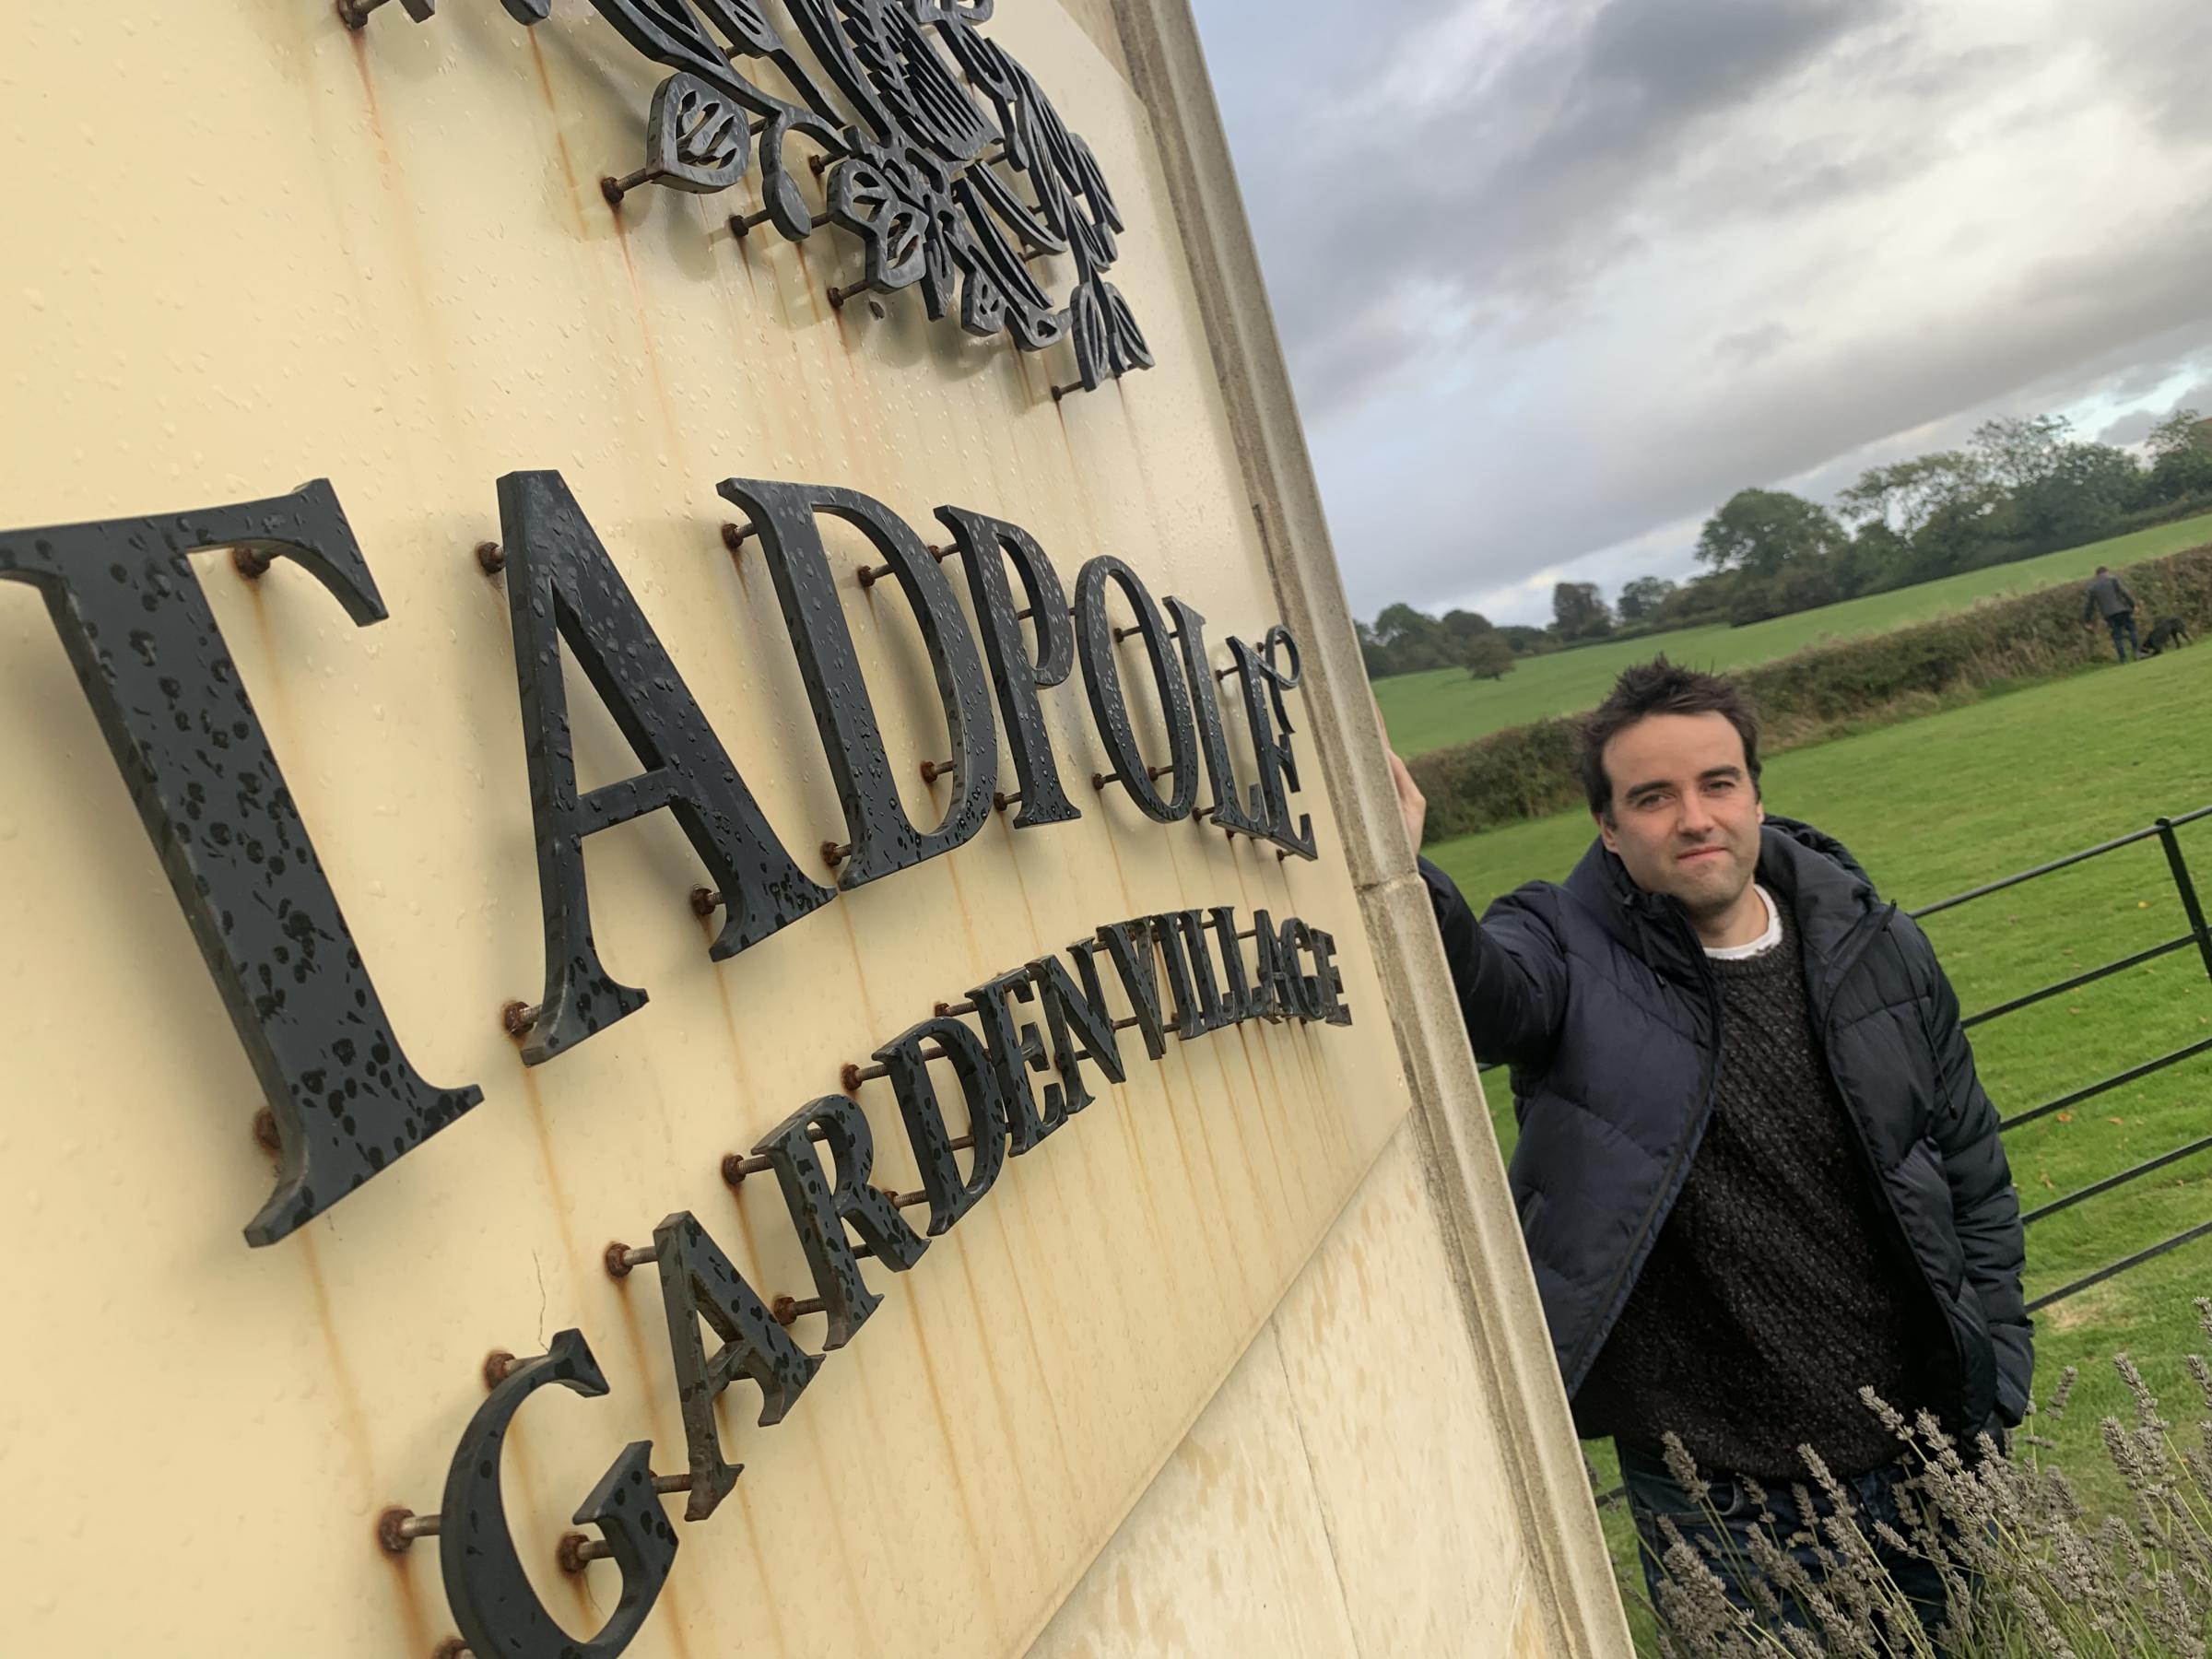 Neighbours enter Tadpole Garden Village in nationwide gardening competition